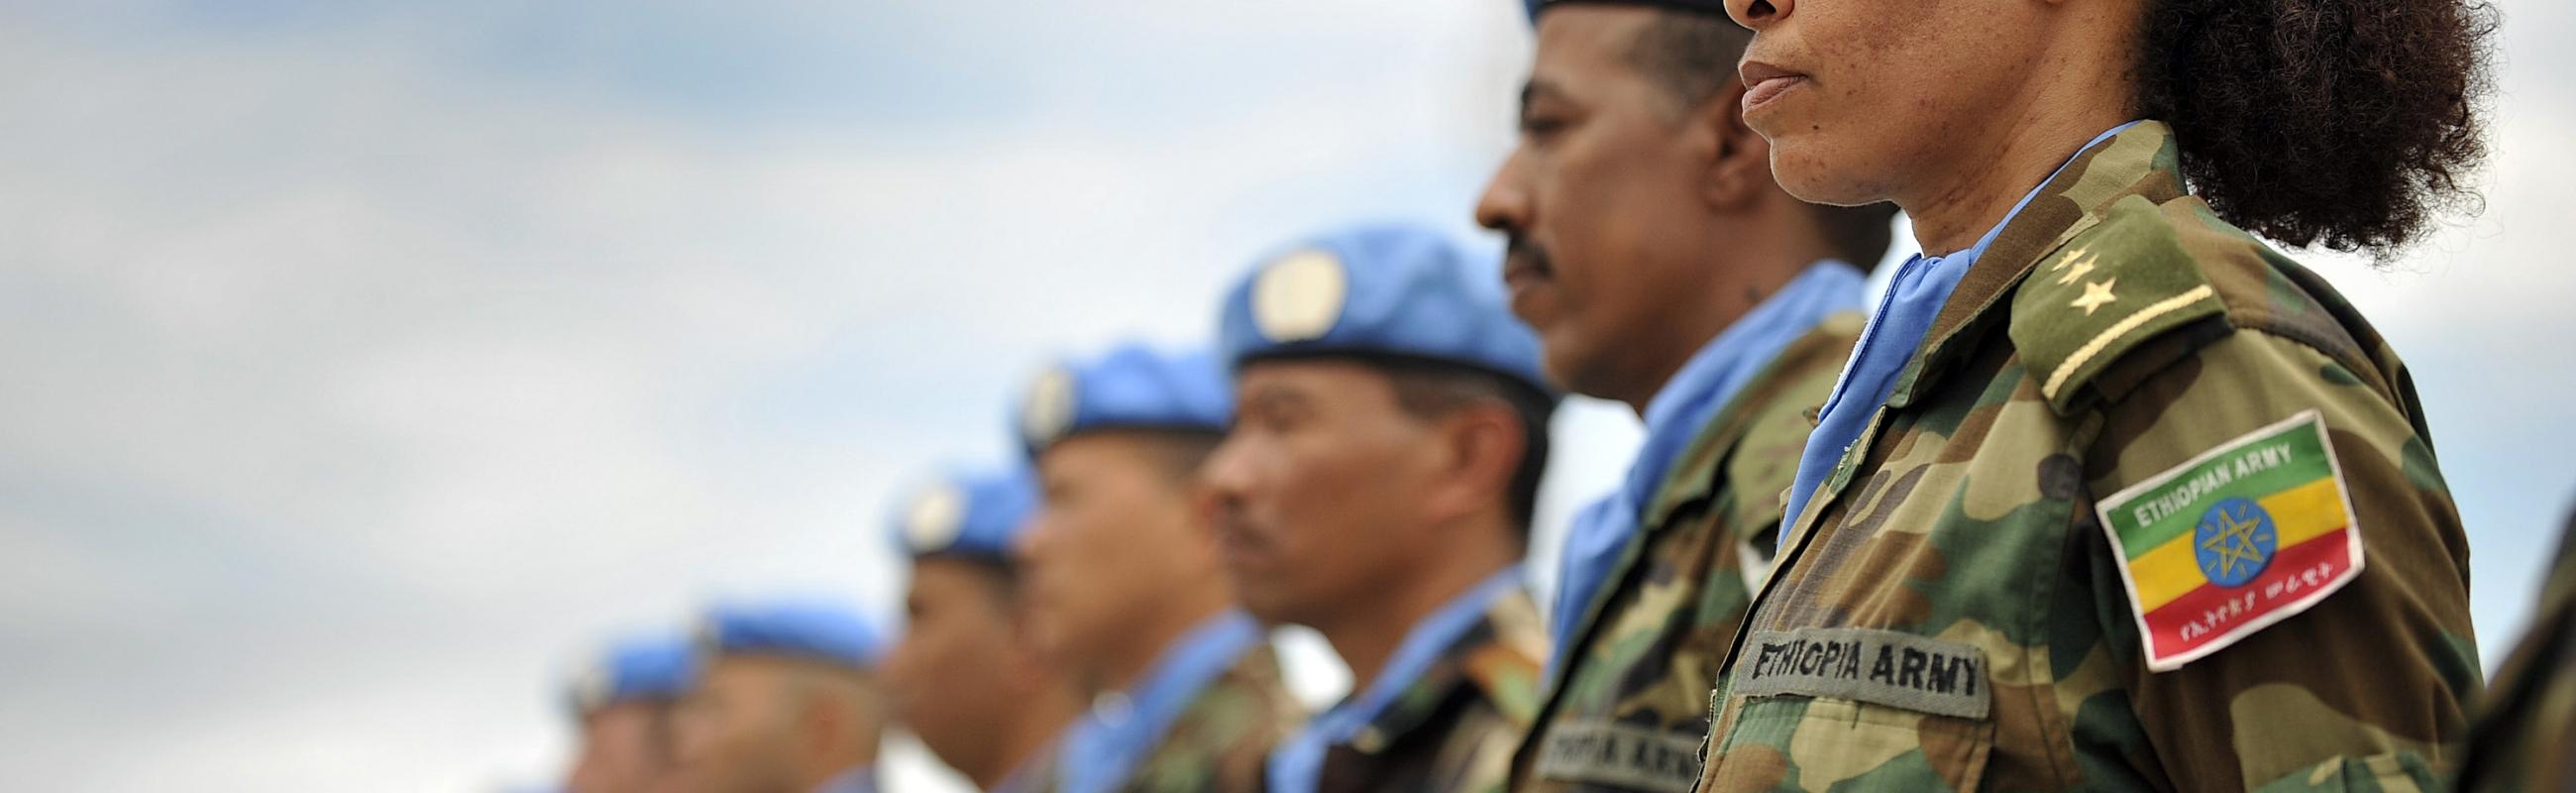 Peacekeeping – UNMIL